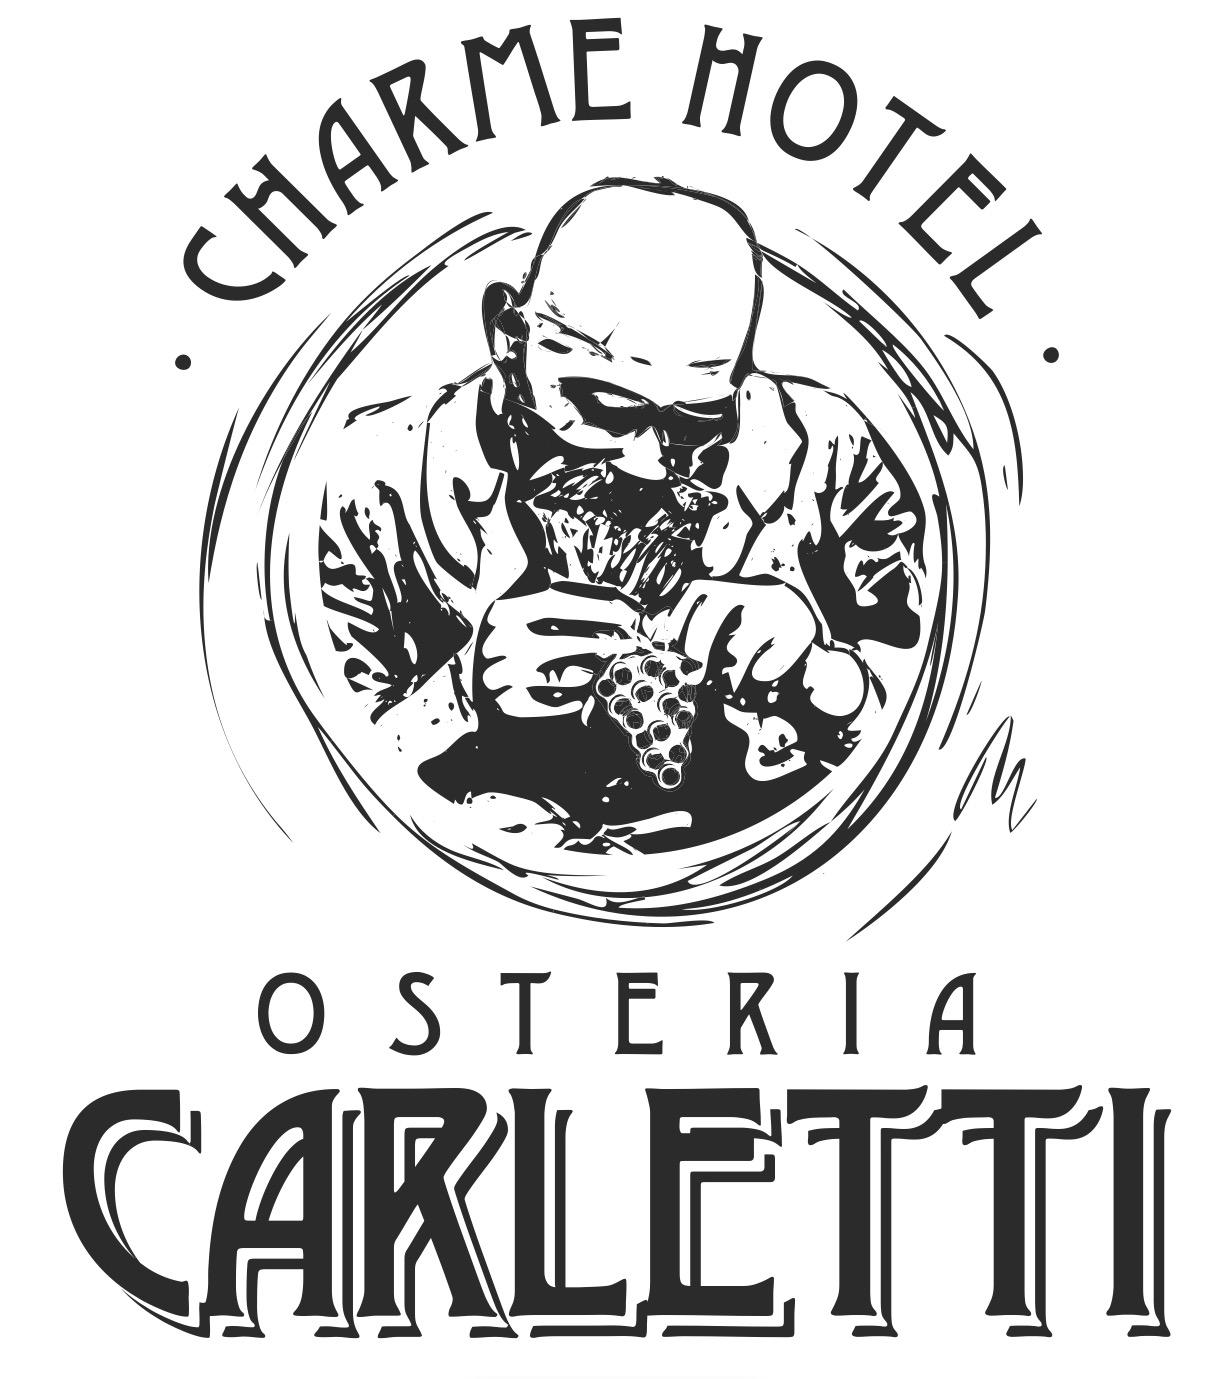 샤름 호텔 오스테리아 카를레티